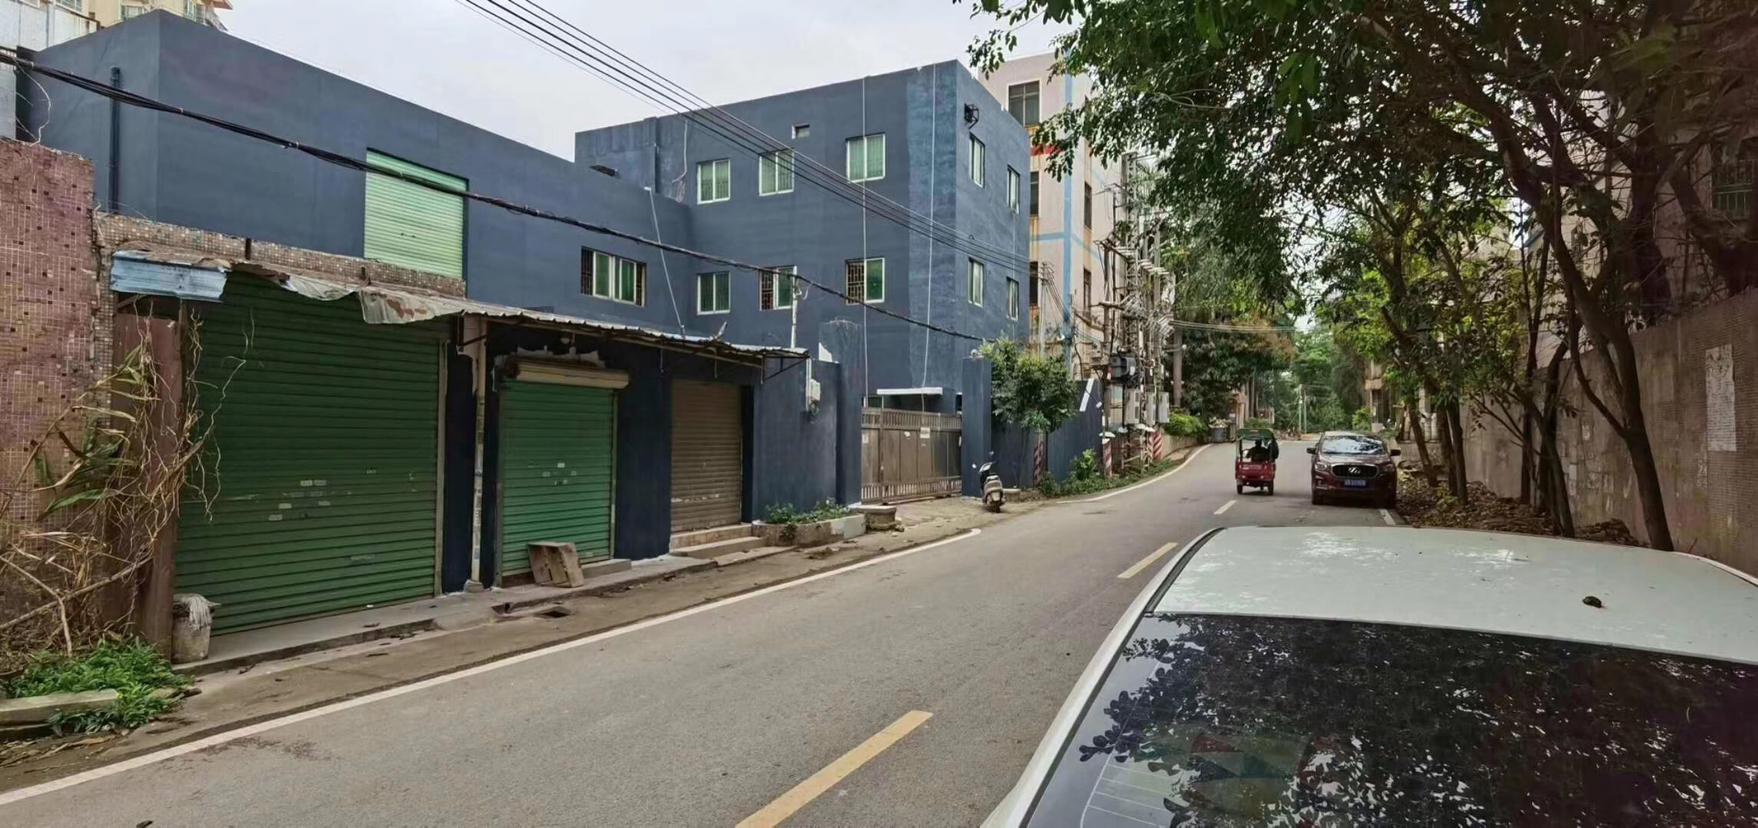 惠阳区新圩镇国道边标准厂房1300平方